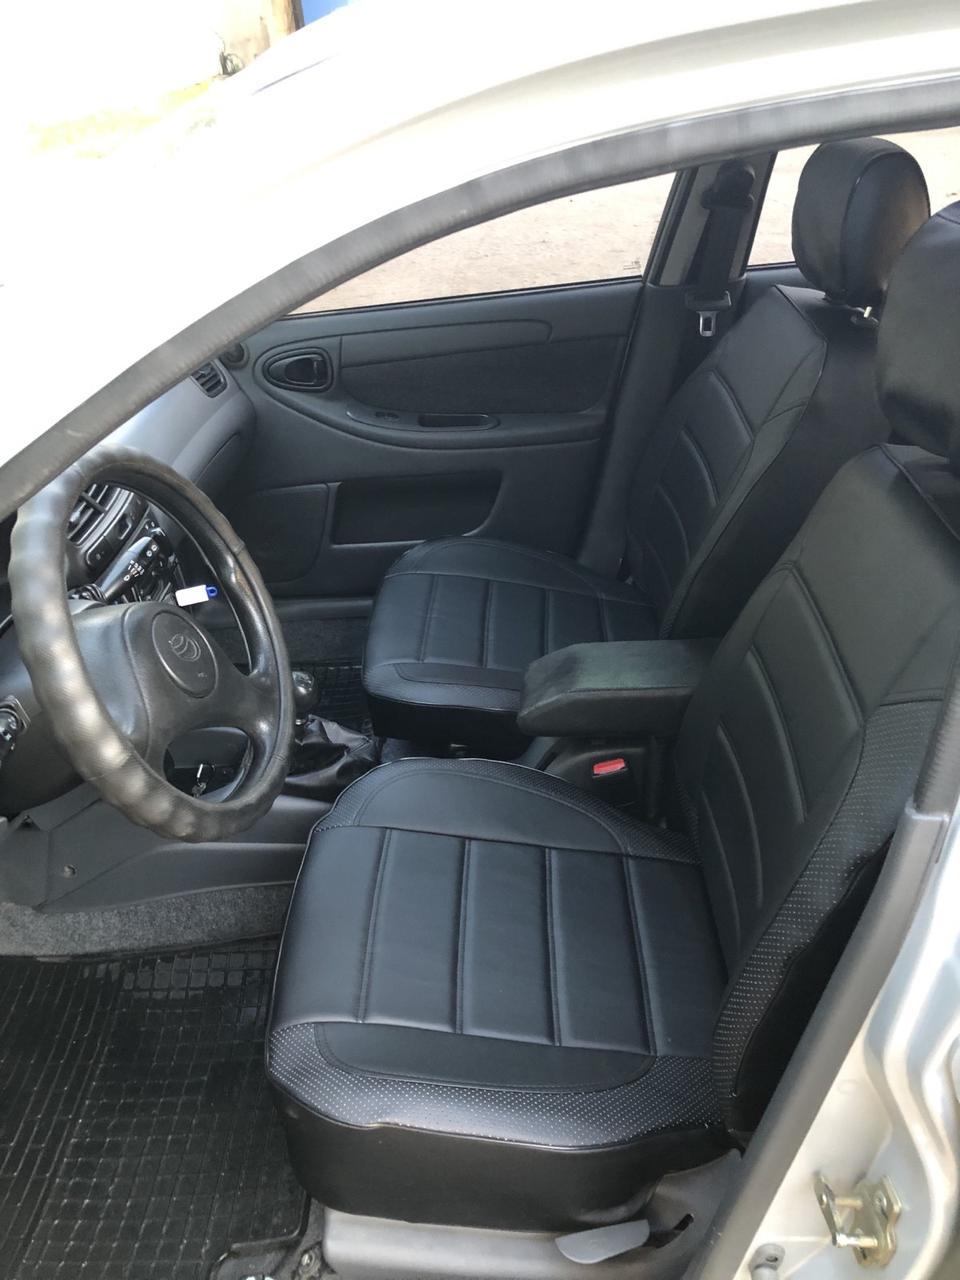 Чохли на сидіння Опель Вектра Б (Opel Vectra B) модельні MAX-L з екошкіри Чорний Чорно-білий